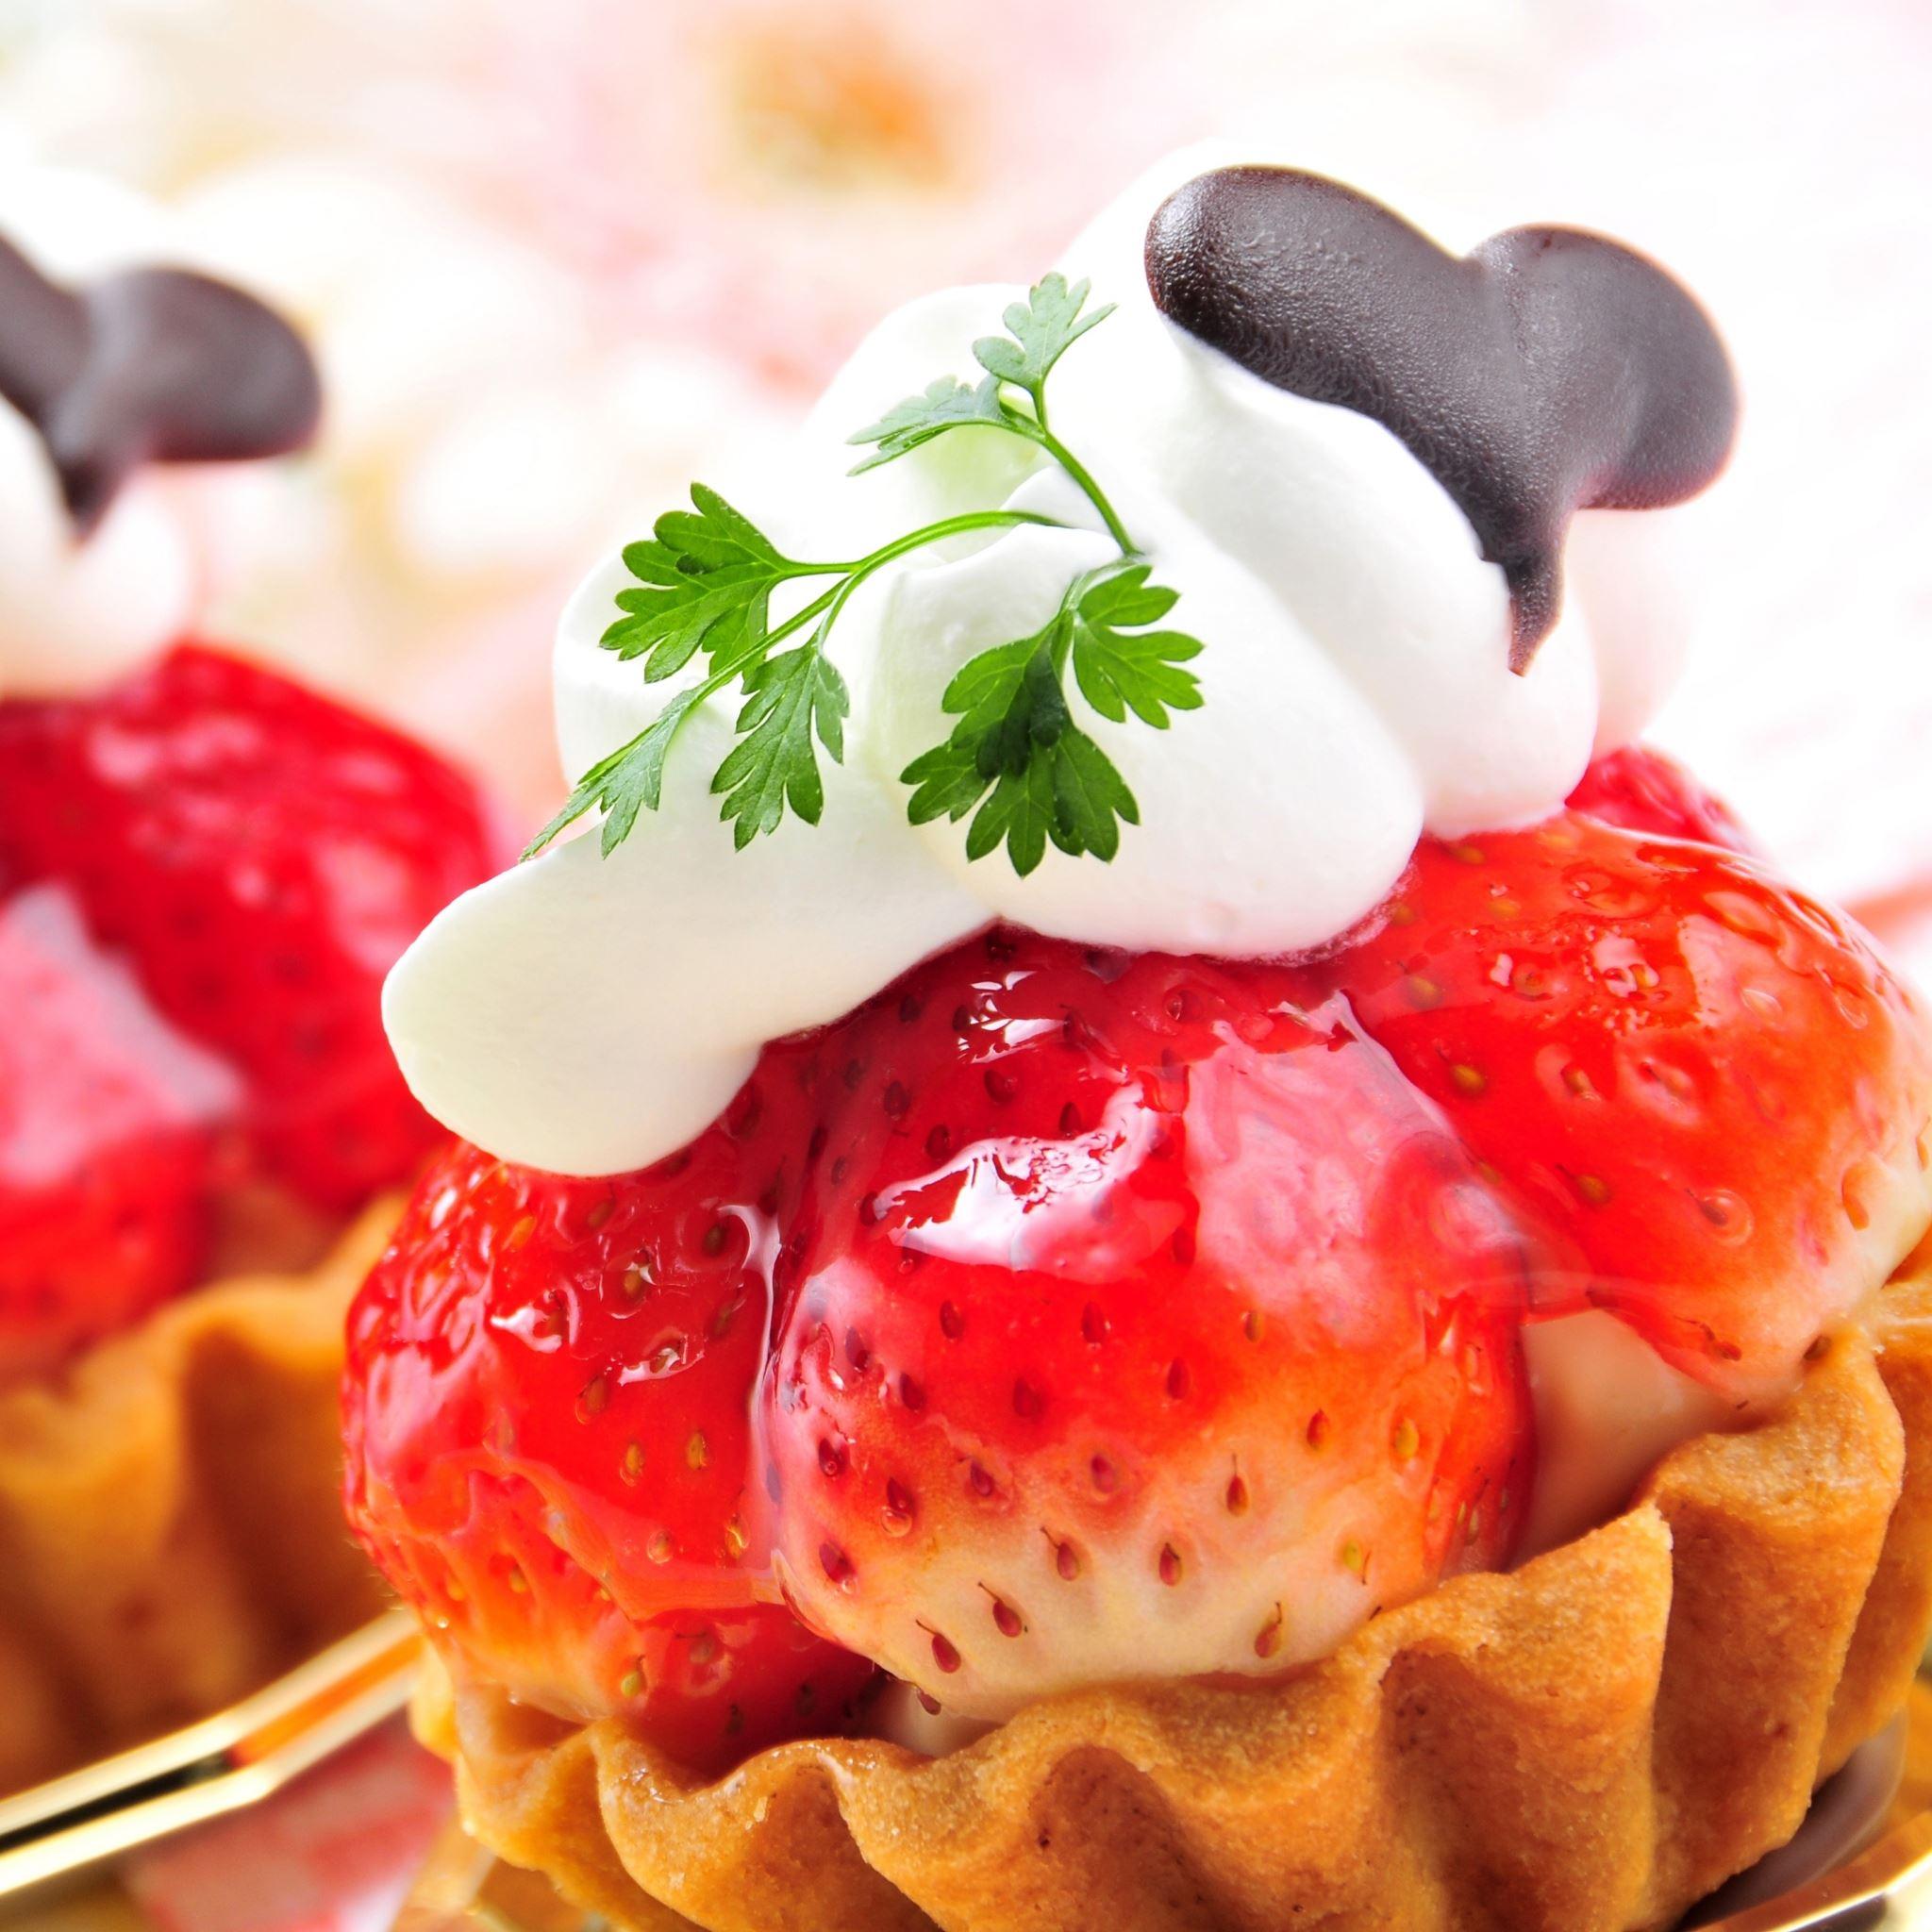 Strawberries Cake Jam iPad Air wallpaper